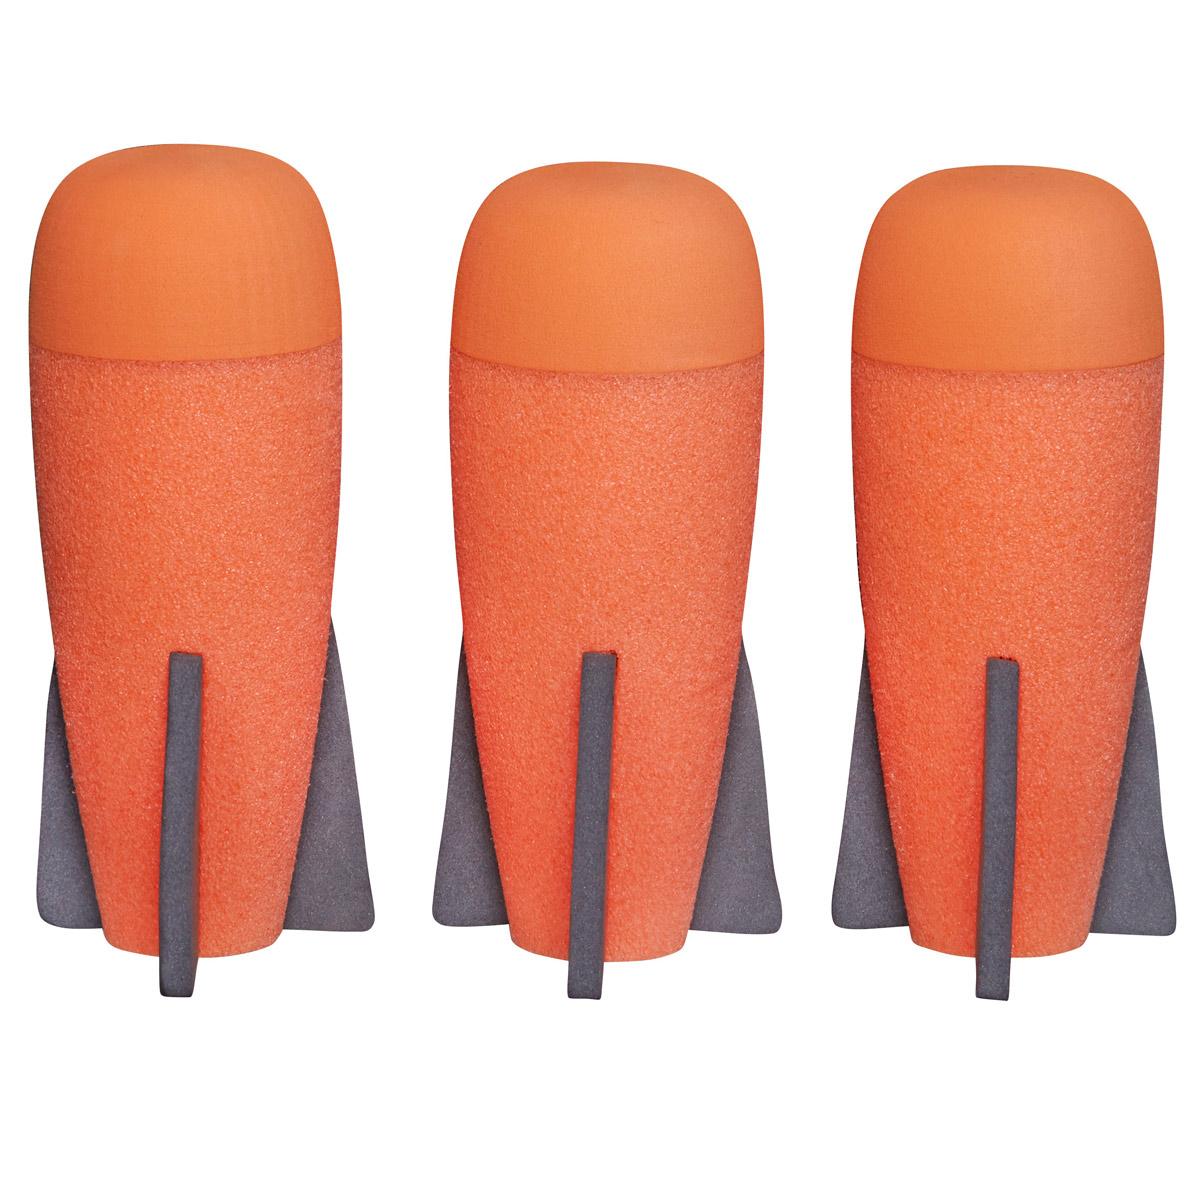 Nerf N-Strike Elite Набор ракет 3 штA8951EU4_оранжевыйНабор Nerf N-Strike Elite состоит из 3 безопасных ракет яркого цвета, выполненных из мягкого и гибкого вспененного полимера и поролона. Обтекаемая и динамичная конструкция ракет позволяет стрелять более прицельно, делая игру еще более интересной. Ракеты Nerf Rebelle подходят для бластеров  Разрушитель серии N-Strike Elite.